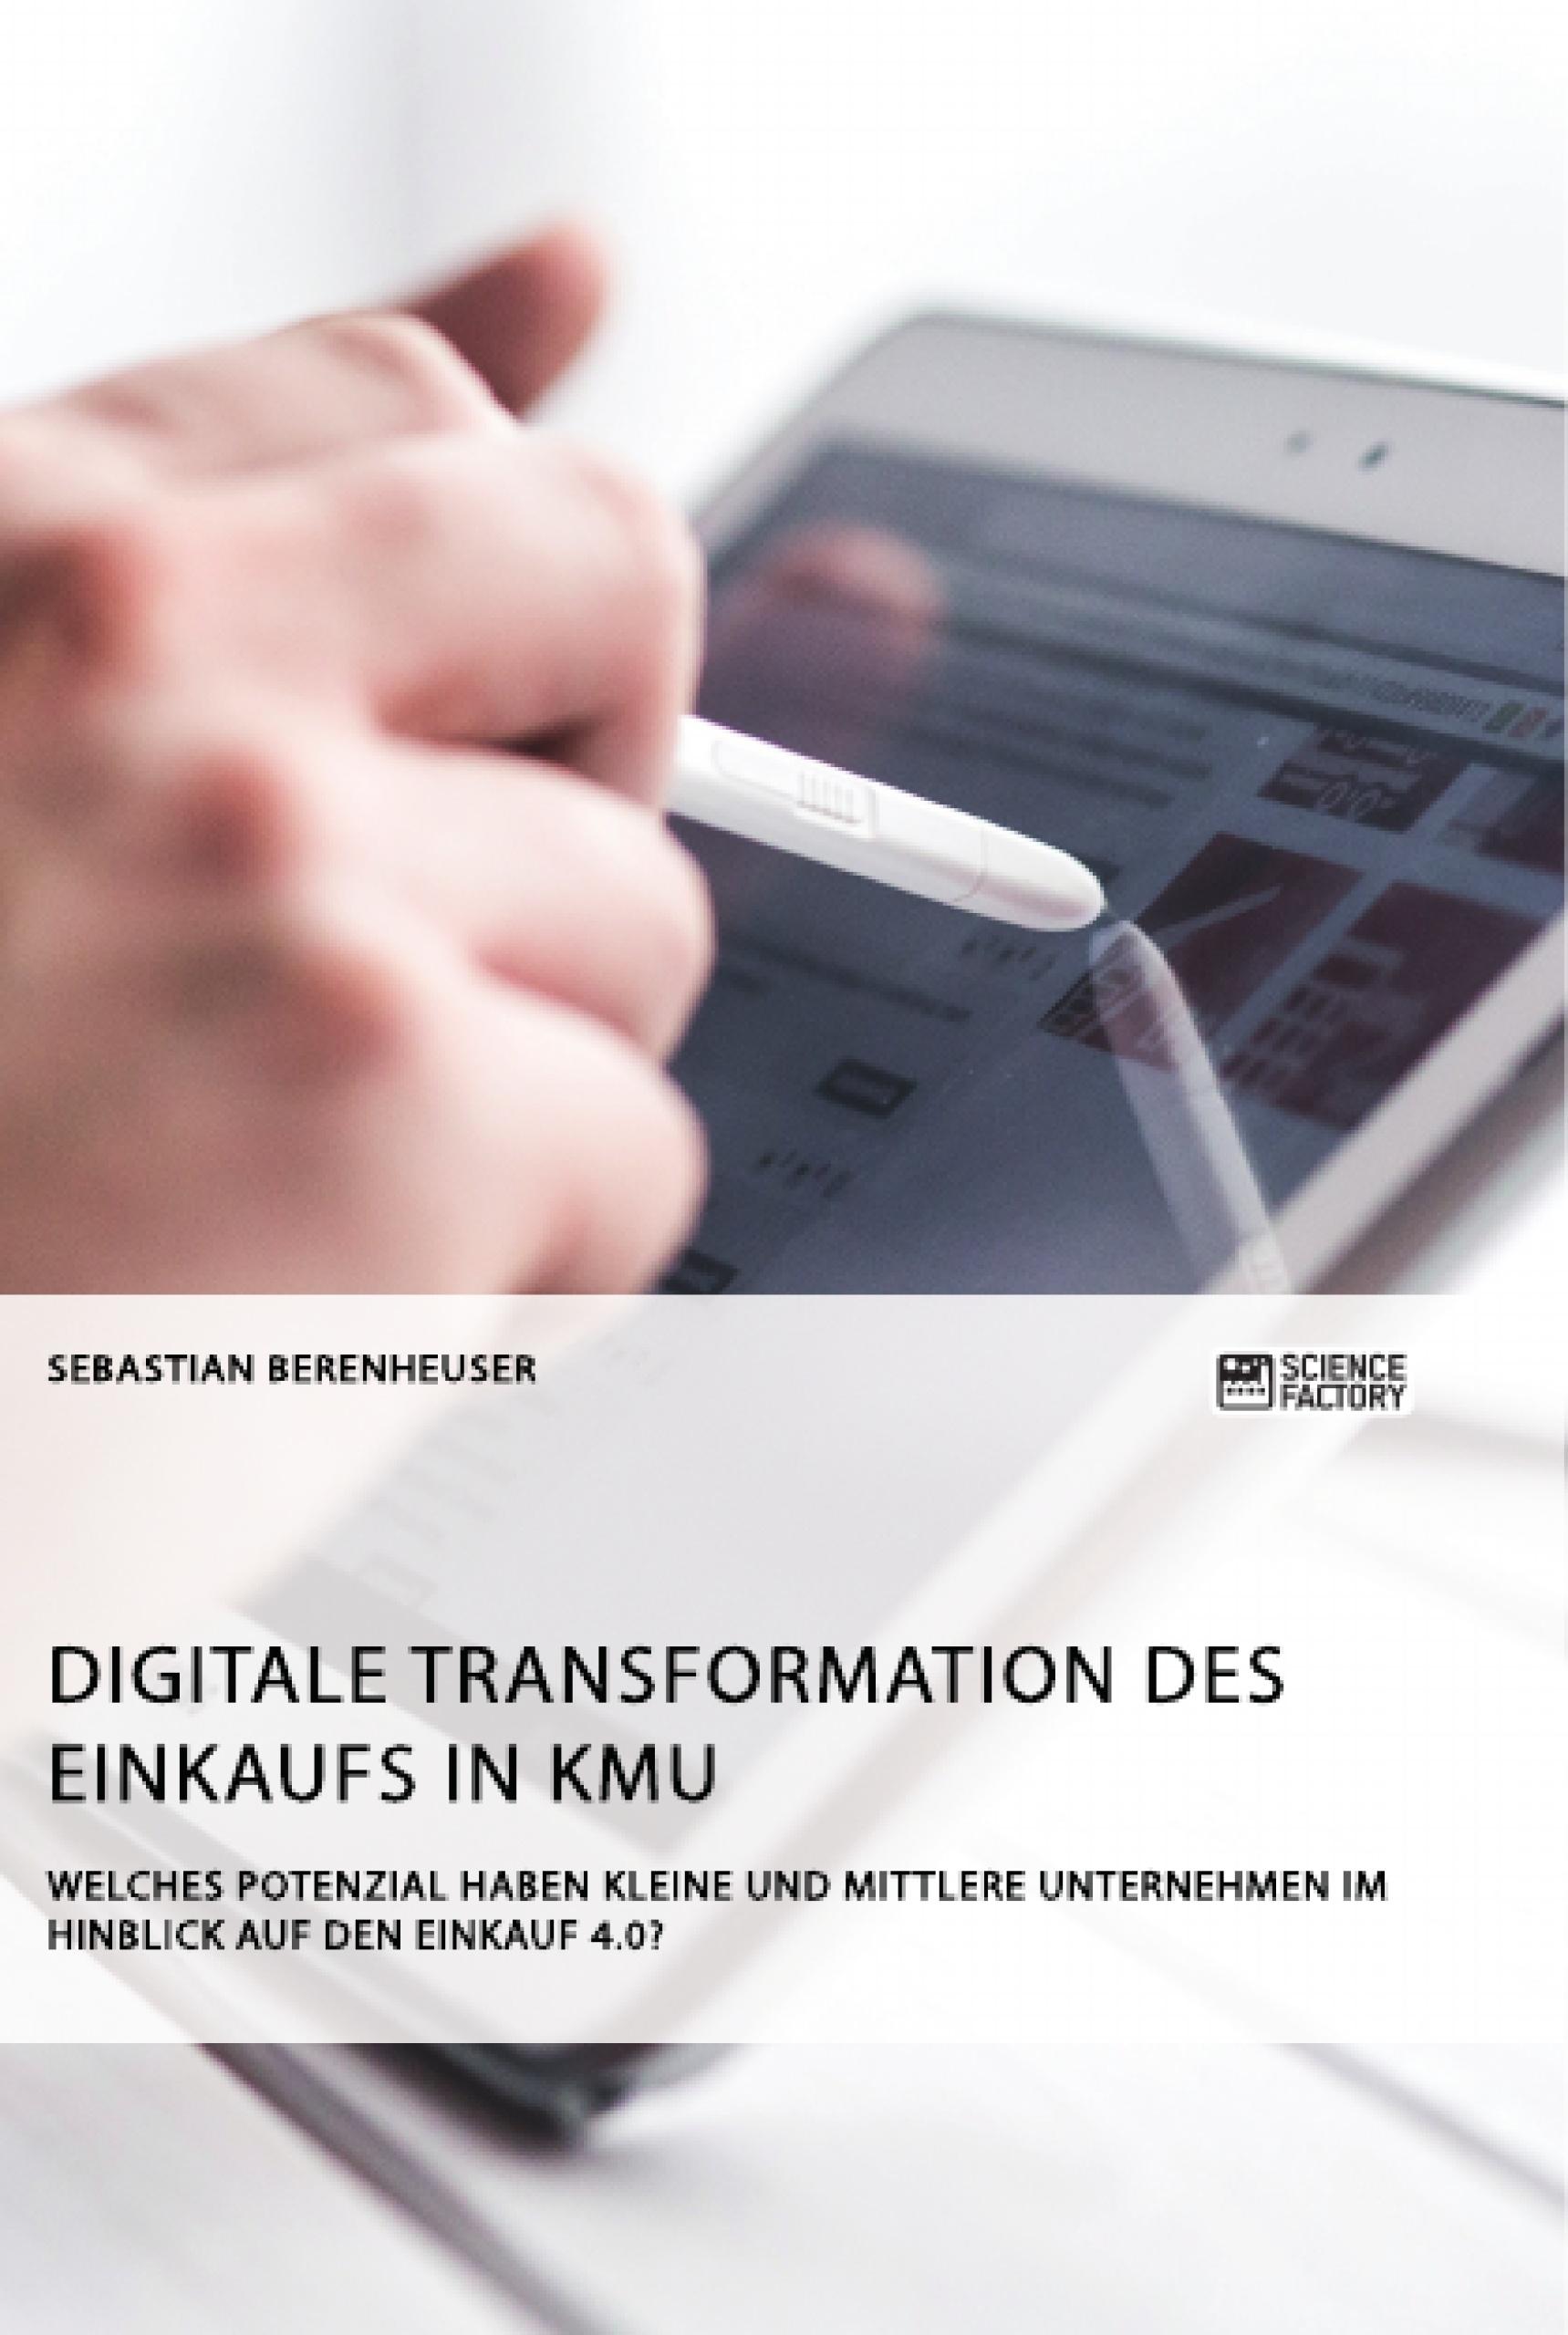 Titel: Digitale Transformation des Einkaufs in KMU. Welches Potenzial haben kleine und mittlere Unternehmen im Hinblick auf den Einkauf 4.0?